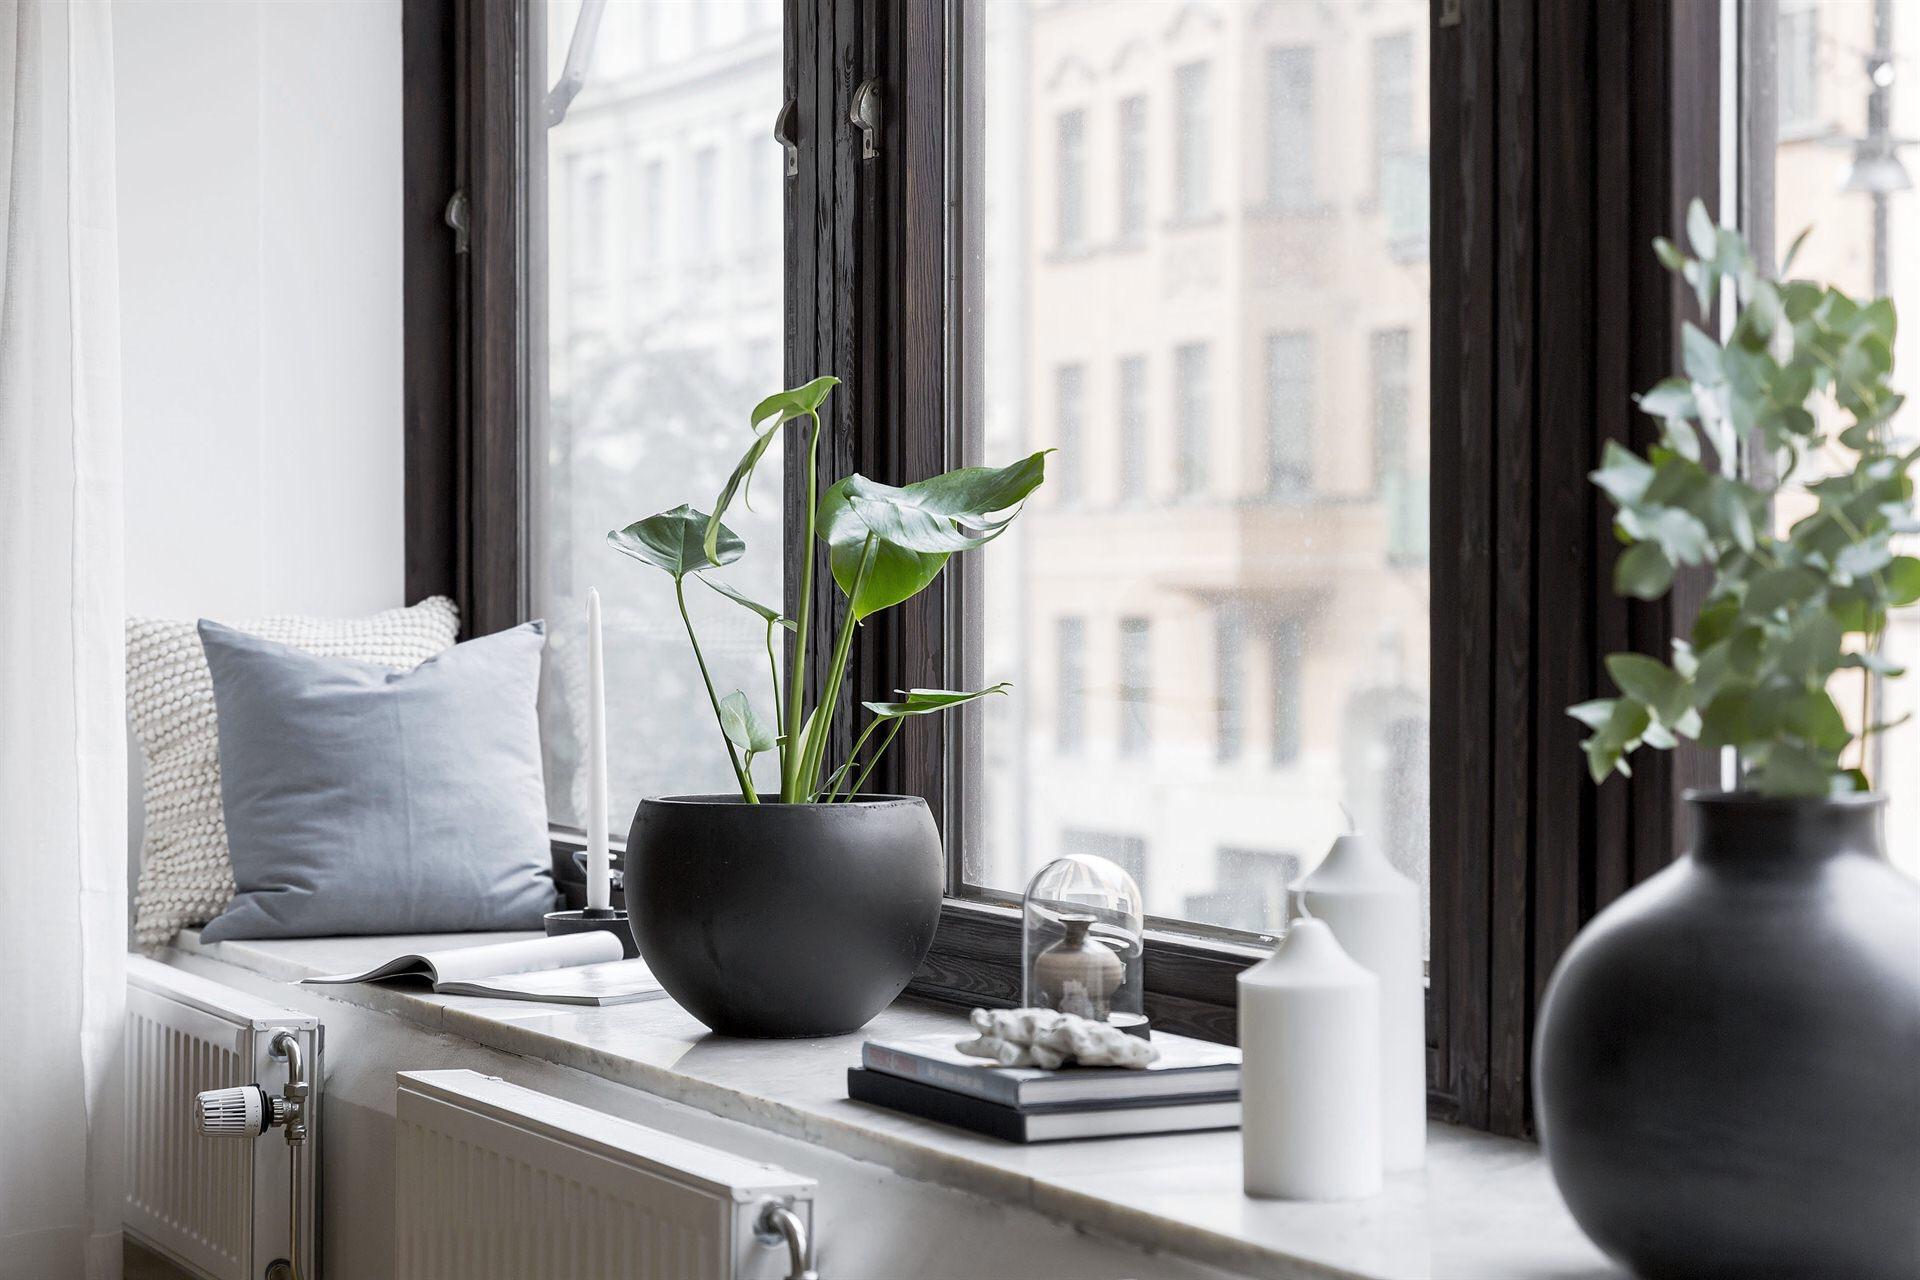 окно темные рамы подоконник декор подушки радиатор отопления